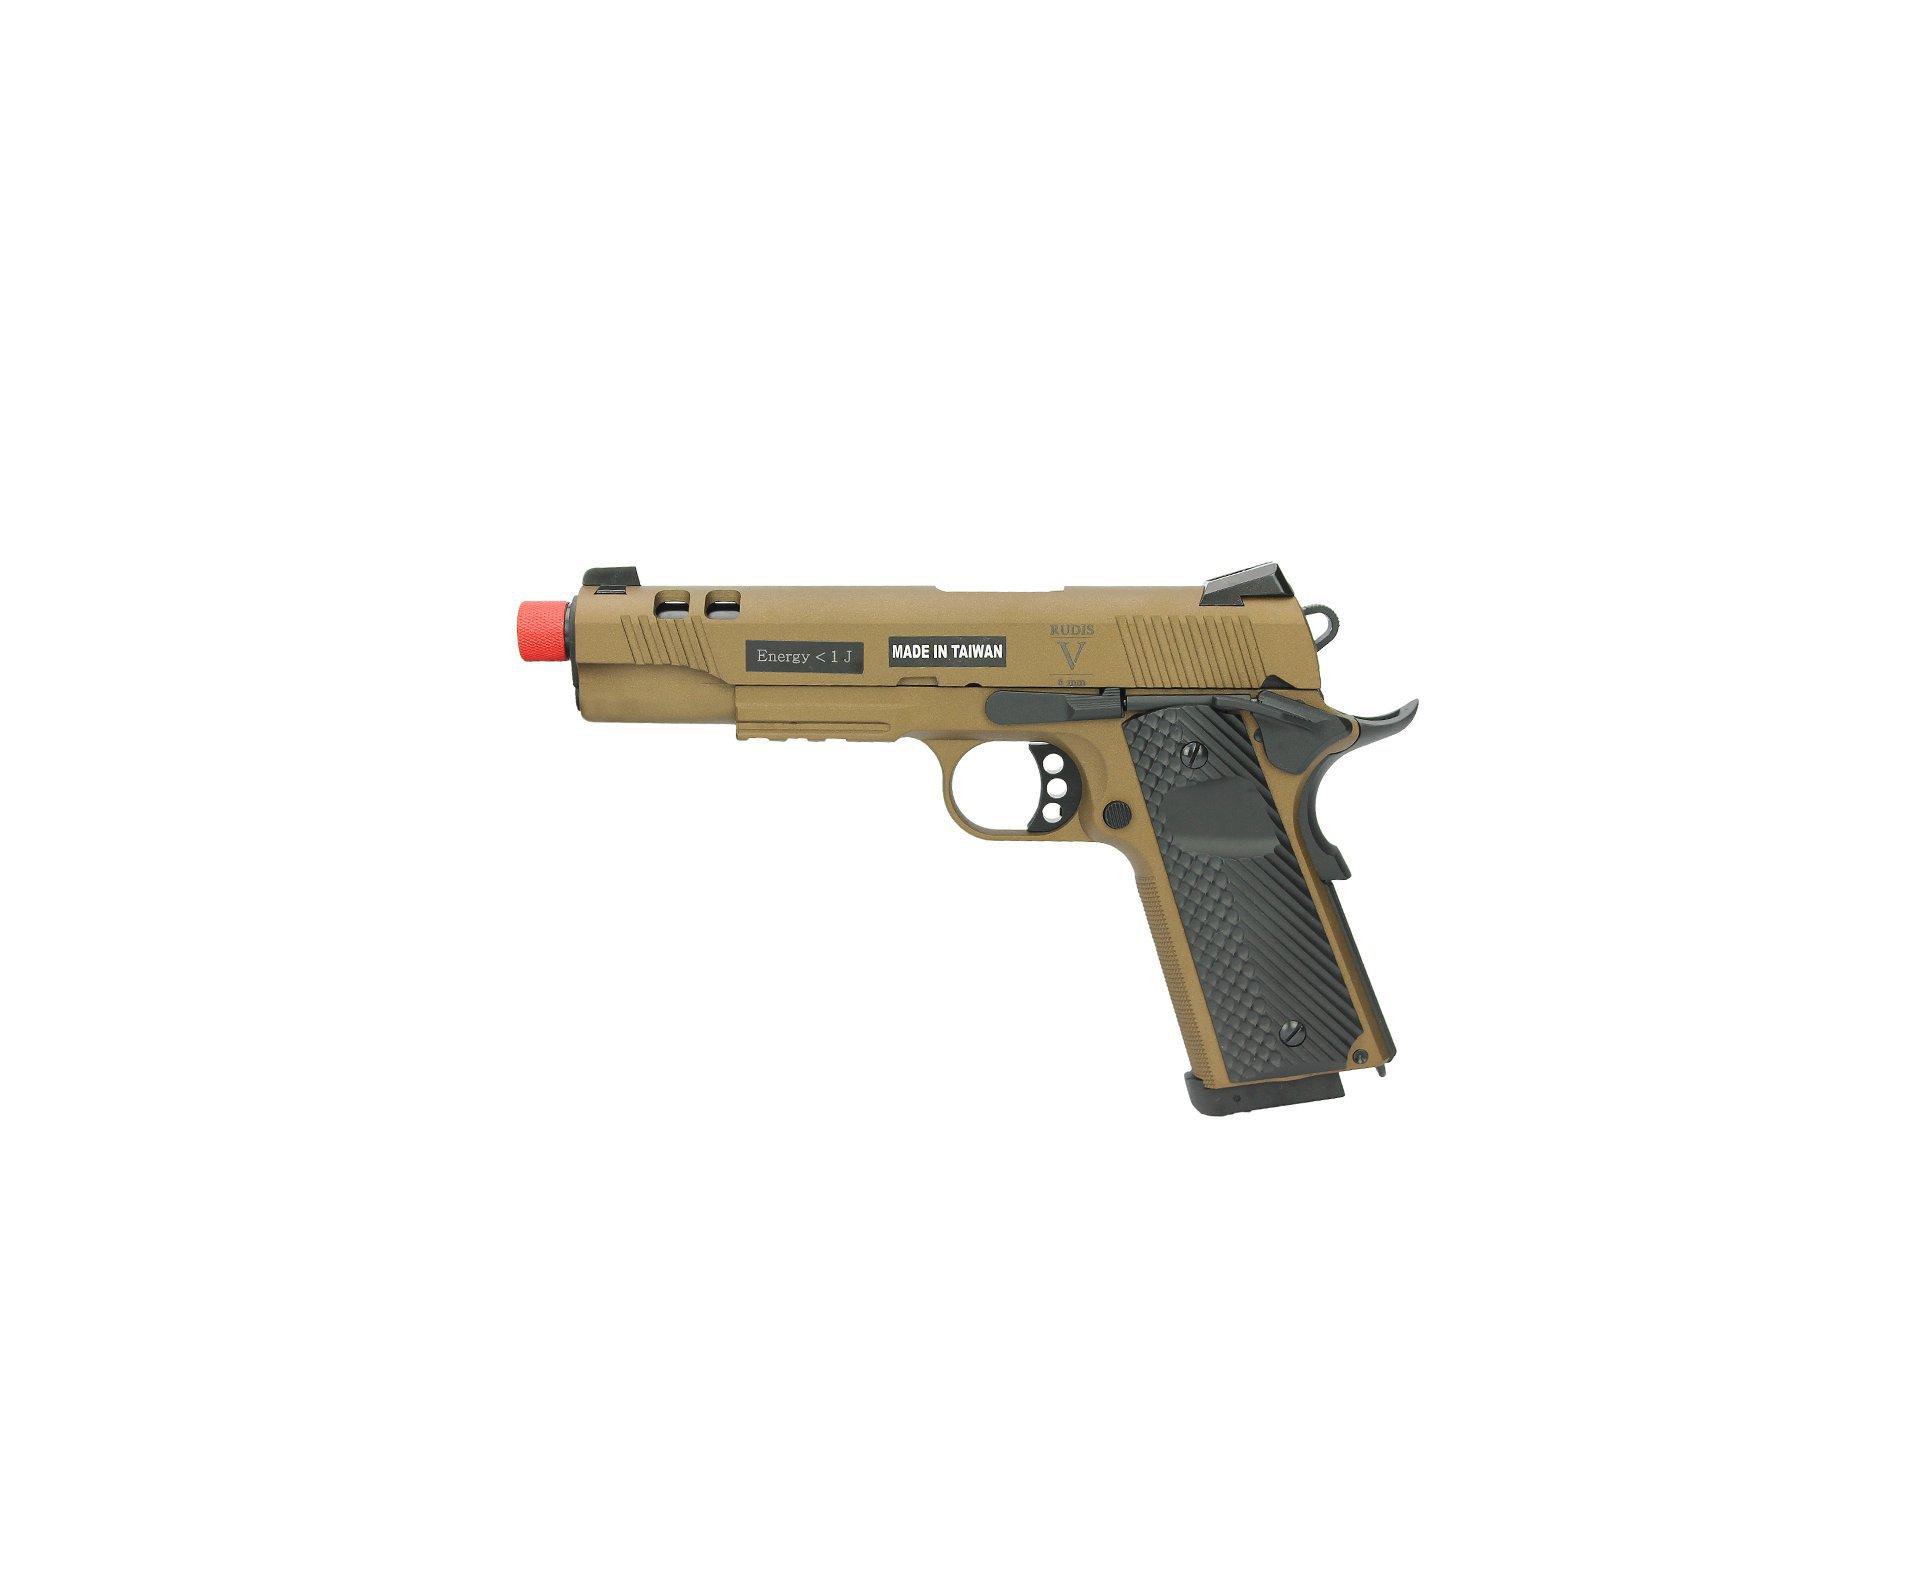 Pistola De Airsoft Co2 Secutor Rudis V Acta Non Verba Full Metal Blowback Cal 6mm